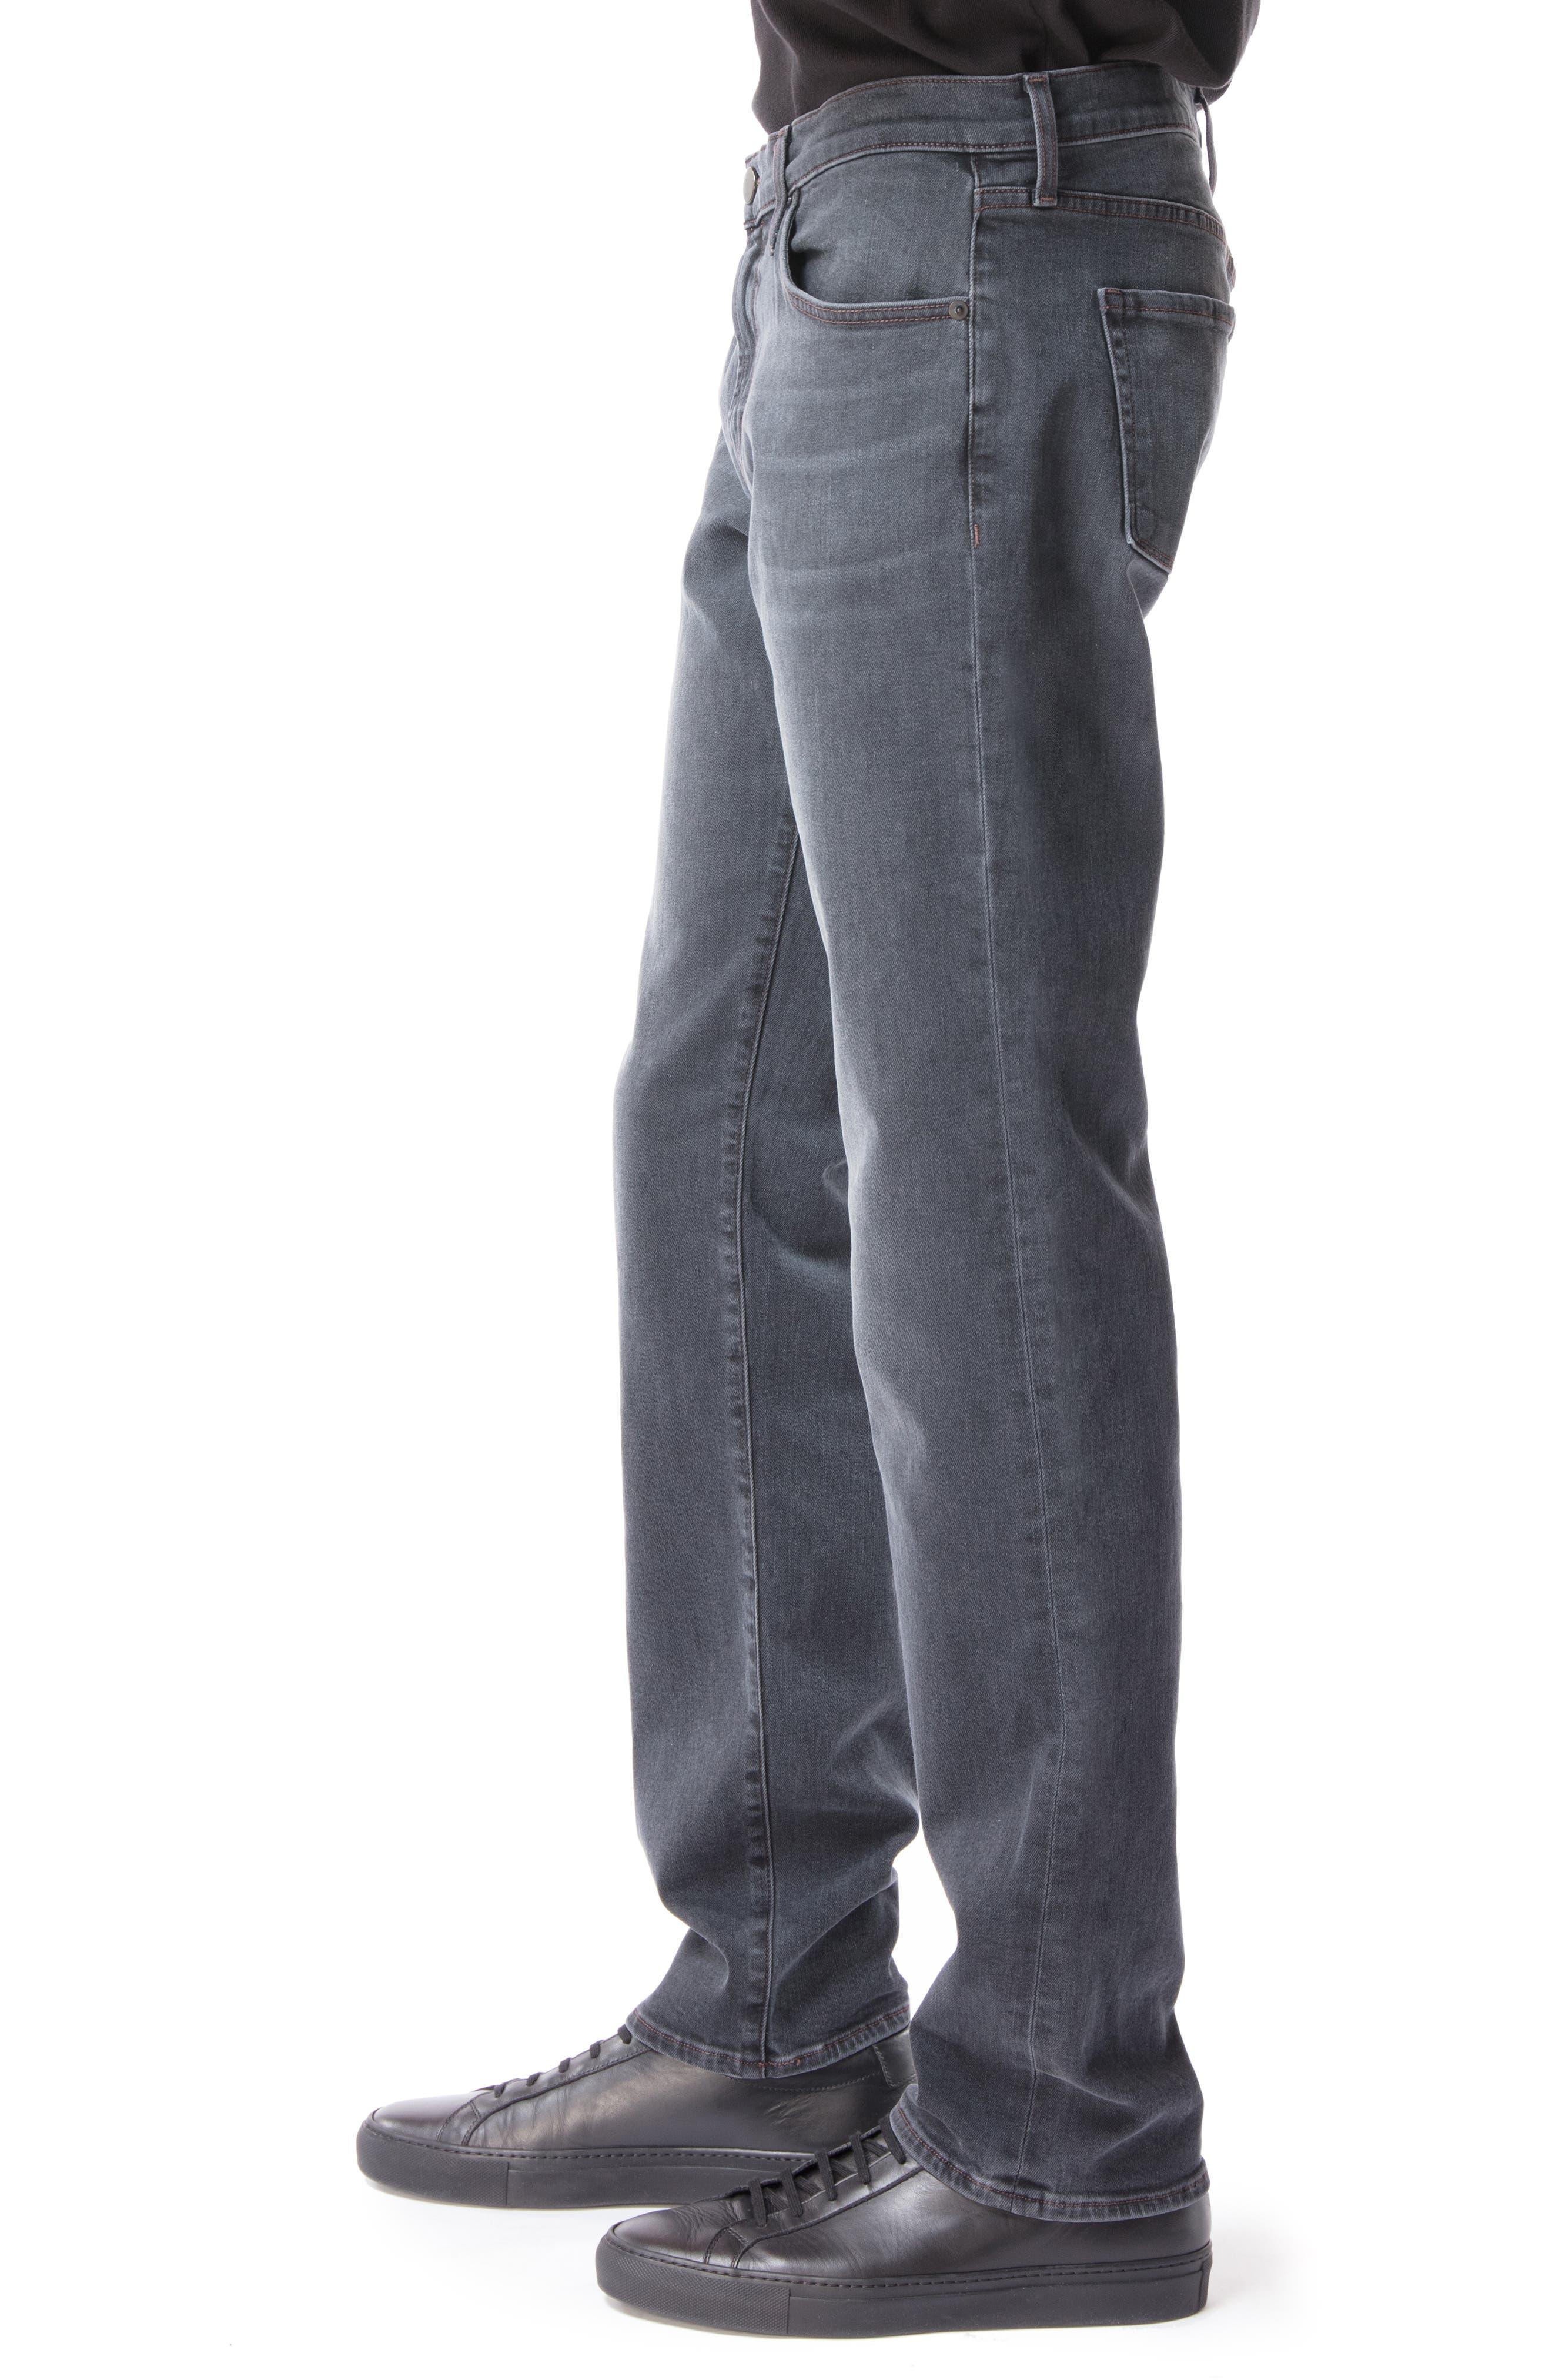 Kane Slim Straight Leg Jeans,                             Alternate thumbnail 3, color,                             018